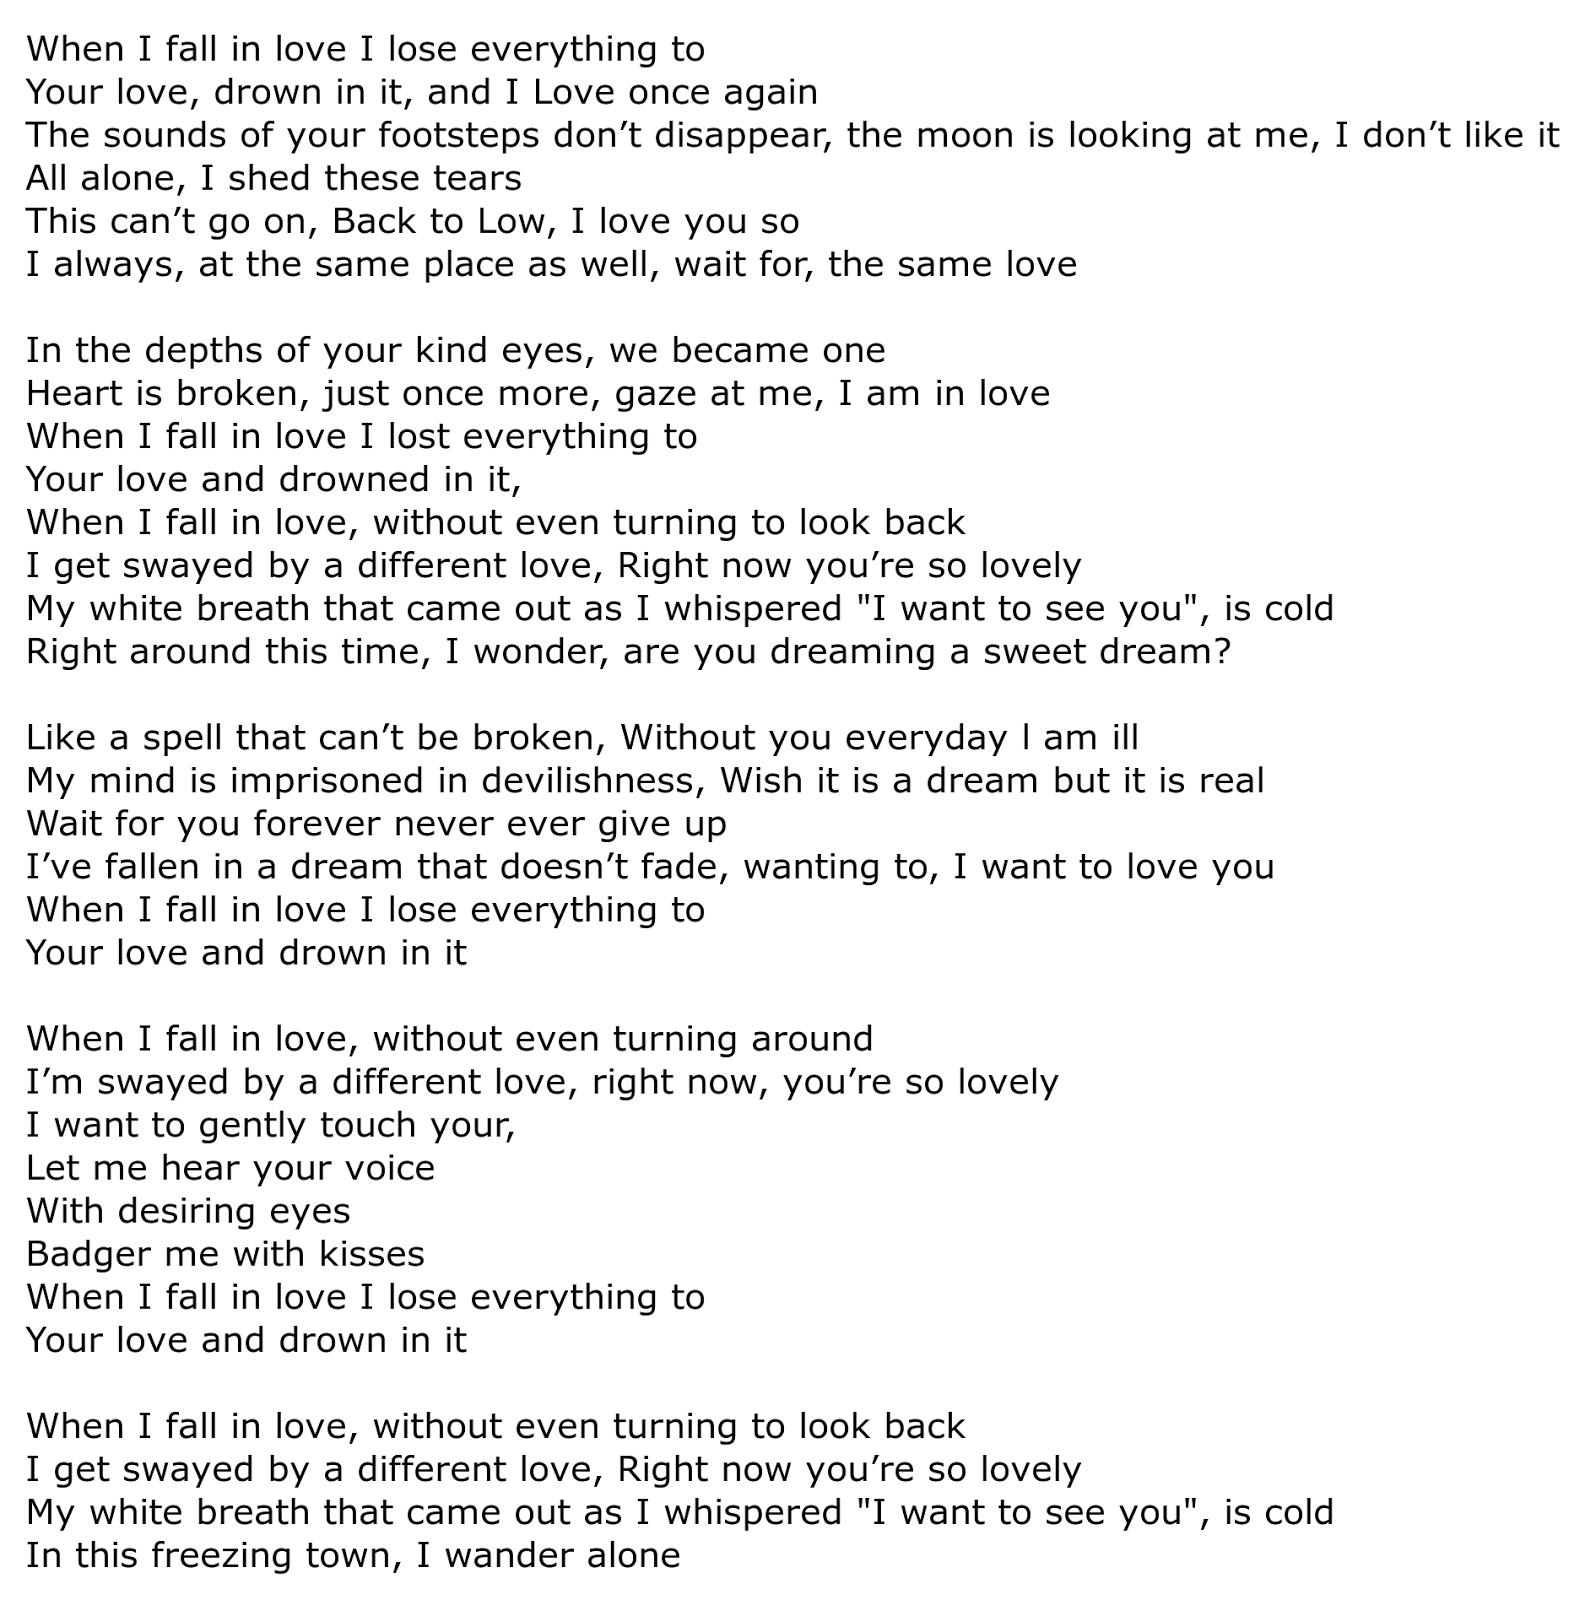 Koleksi Lirik Lagu Terbesar Koleksi Lirik Lagu Terbesar